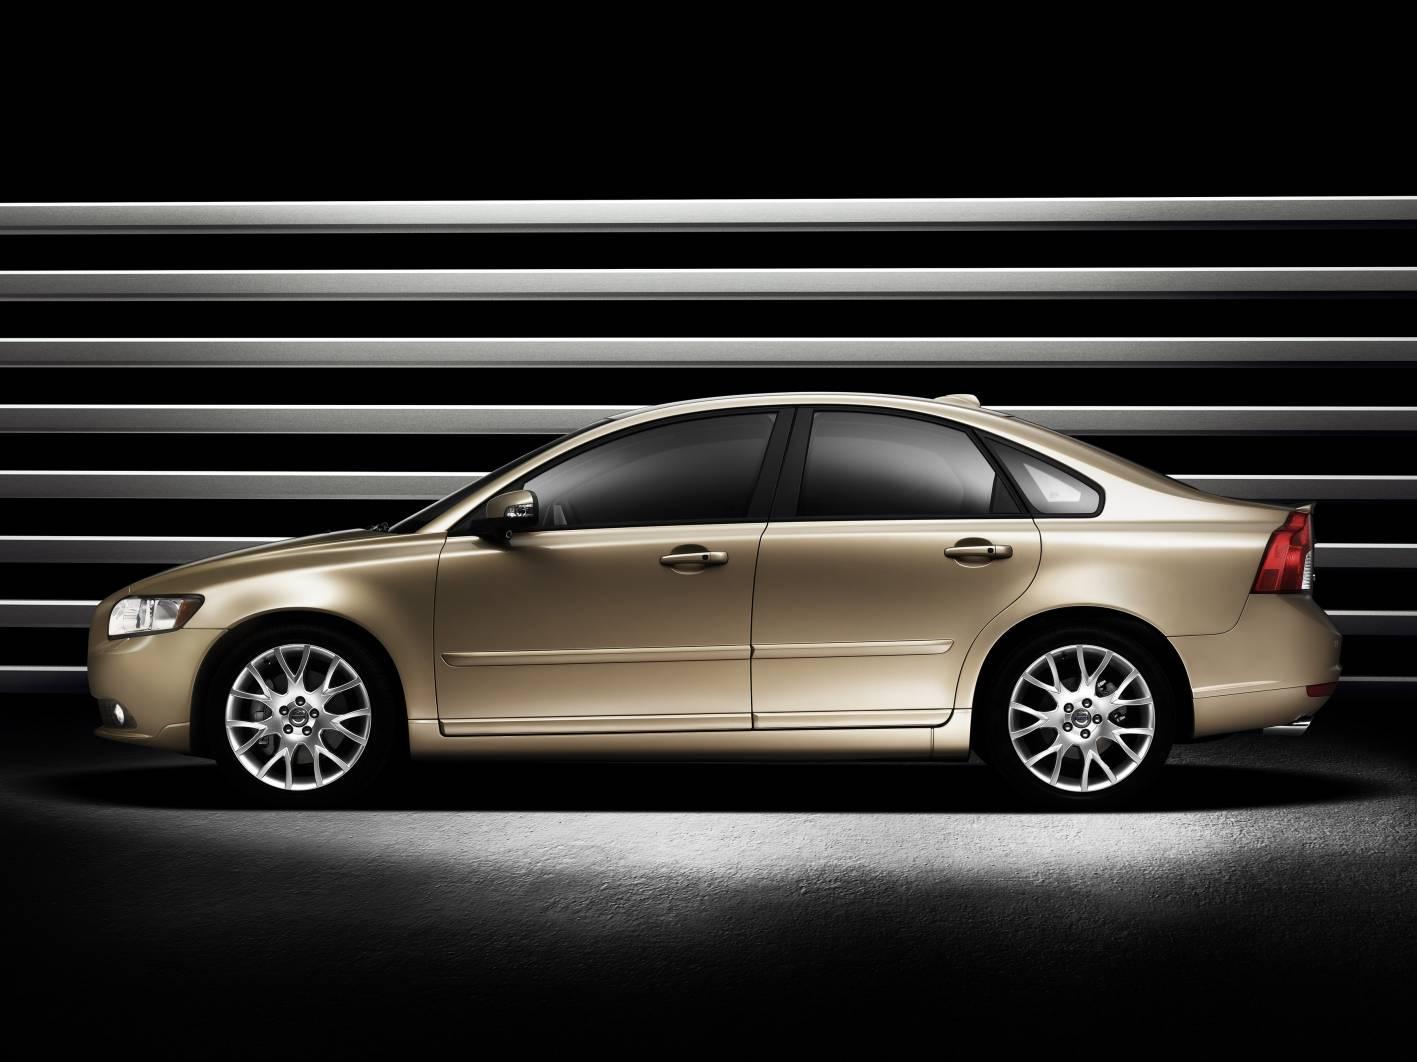 2010_volvo_s40_sedan_csr_02